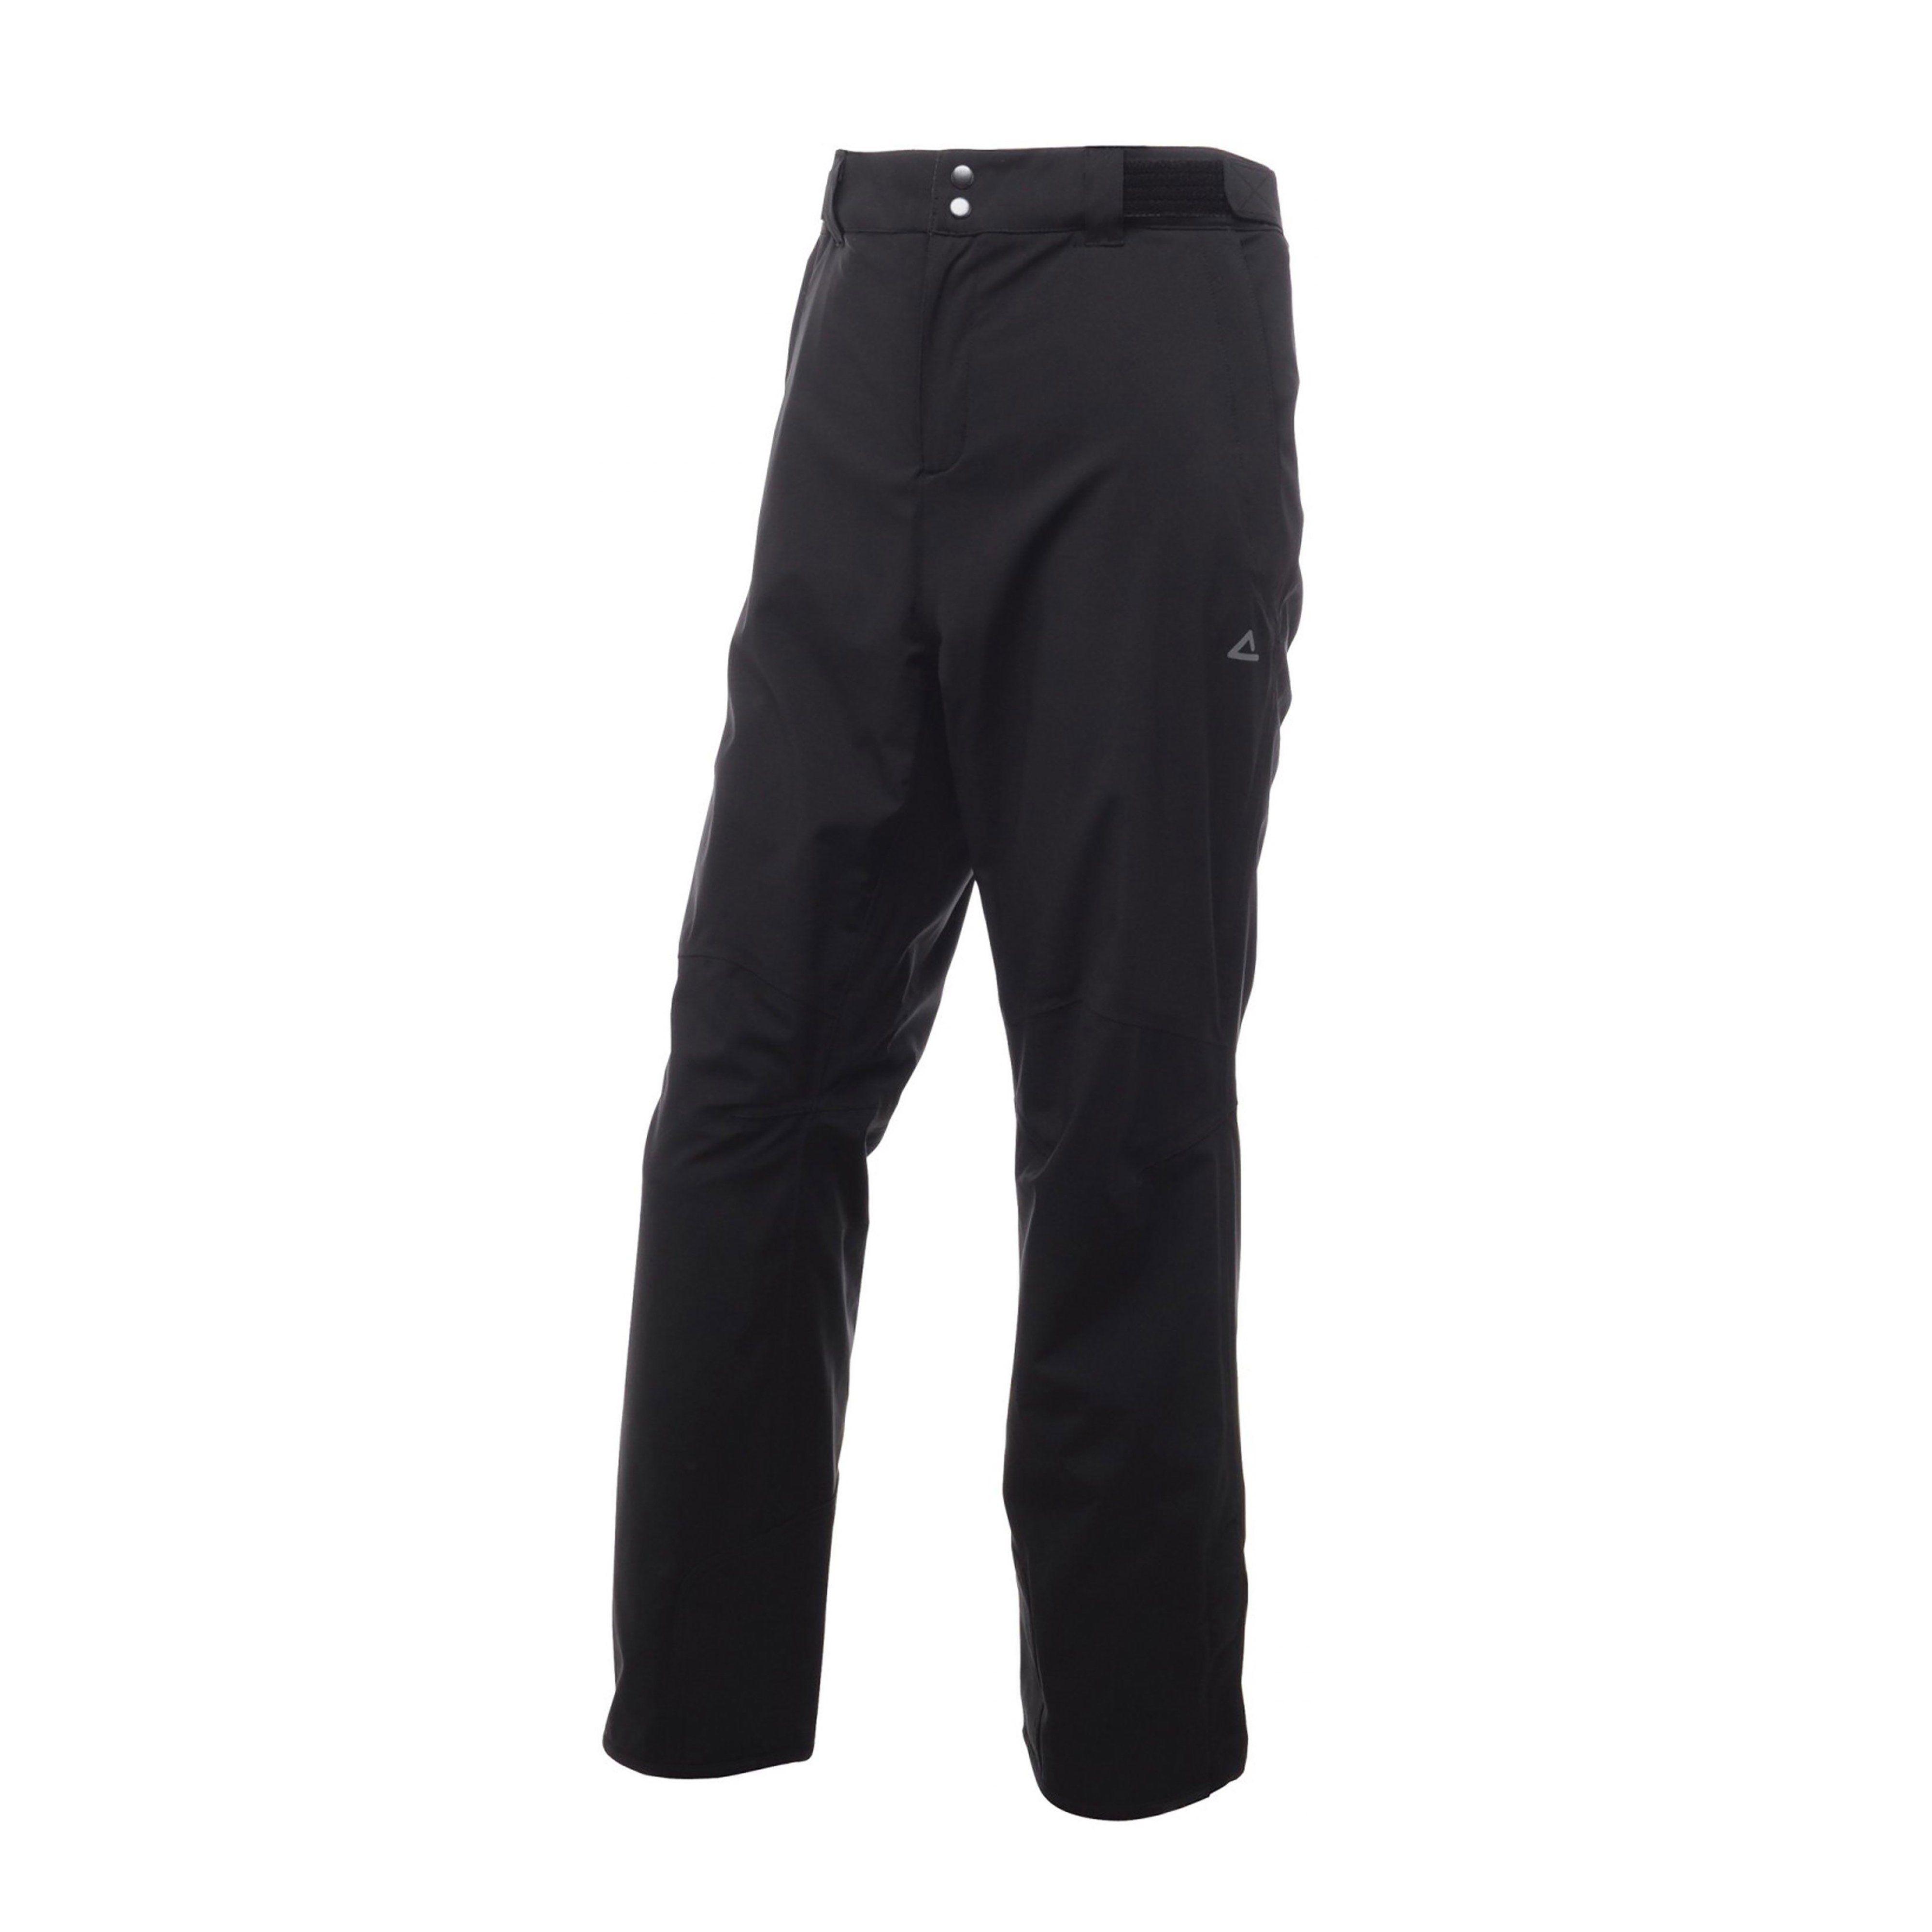 DARE 2B Men's Qualify Ski Pants